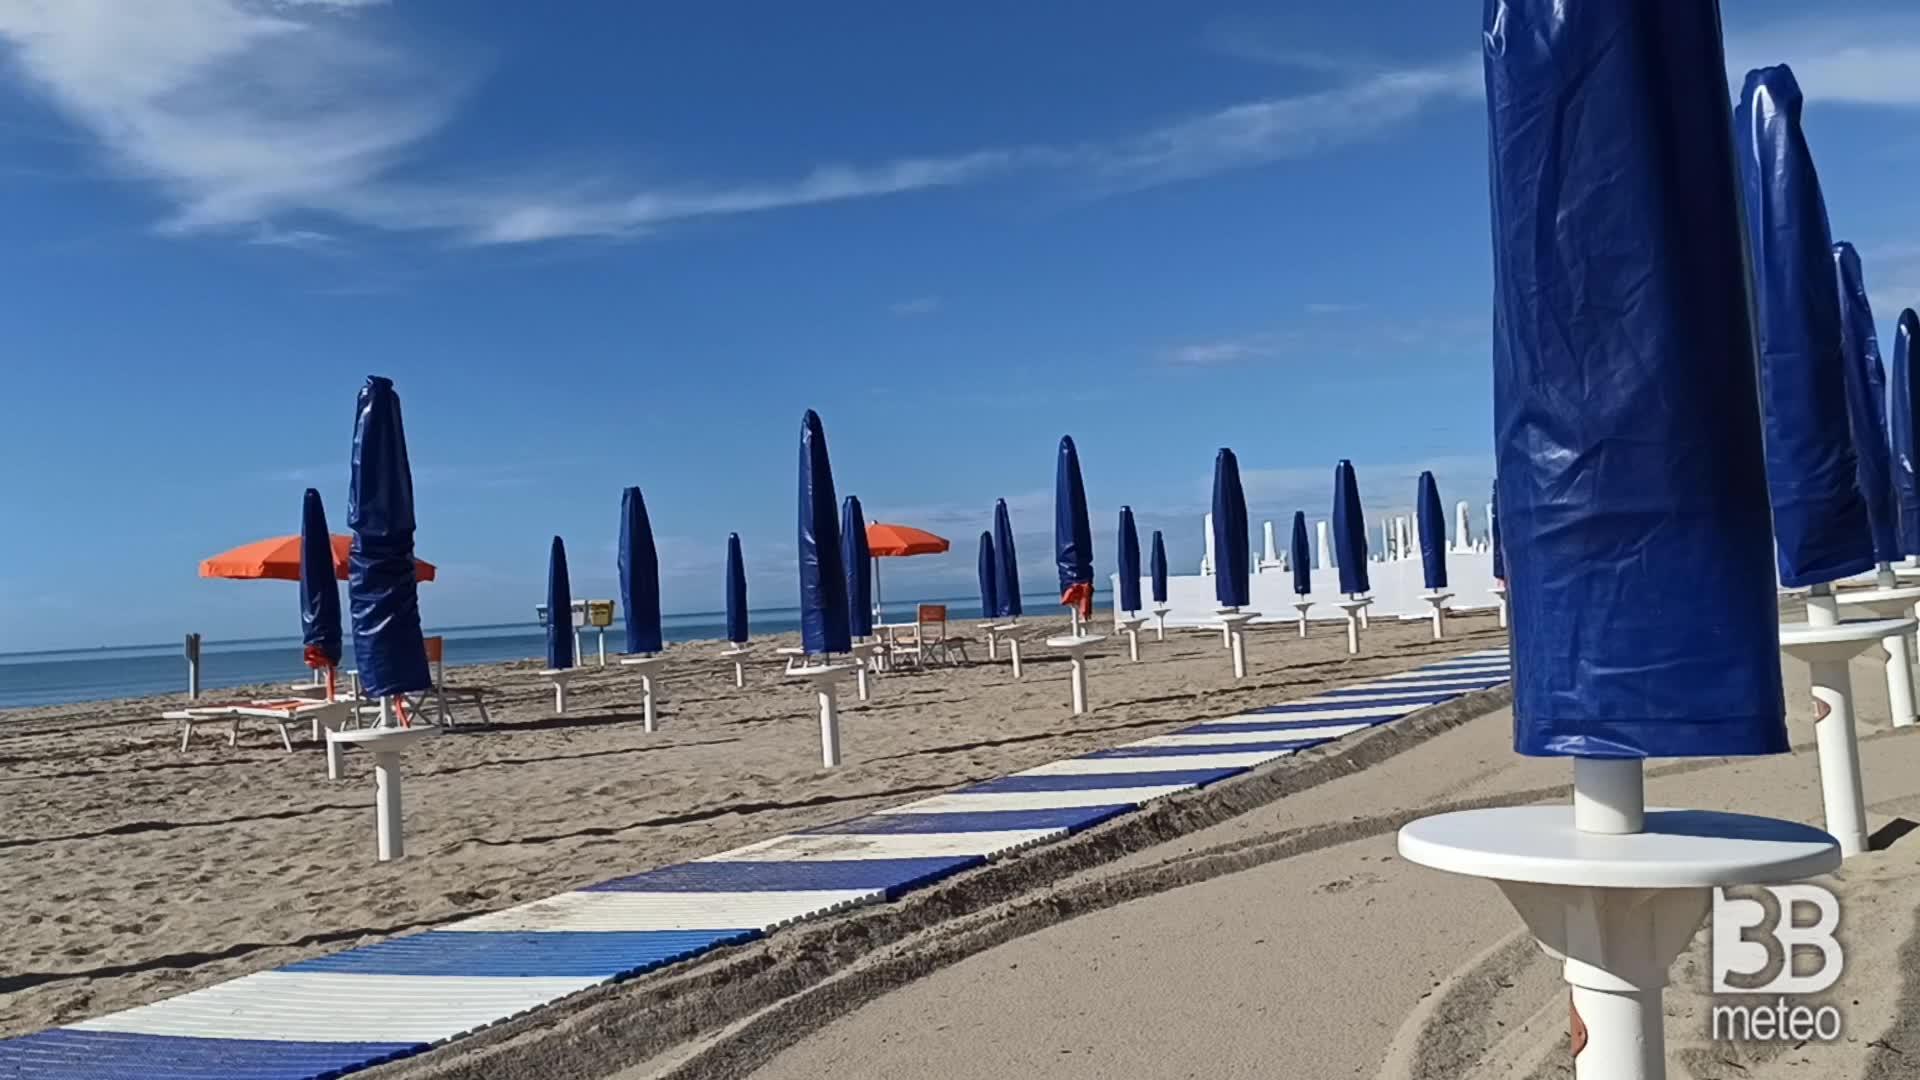 Cronaca meteo video: placida giornata di sole a Marina di Ginosa